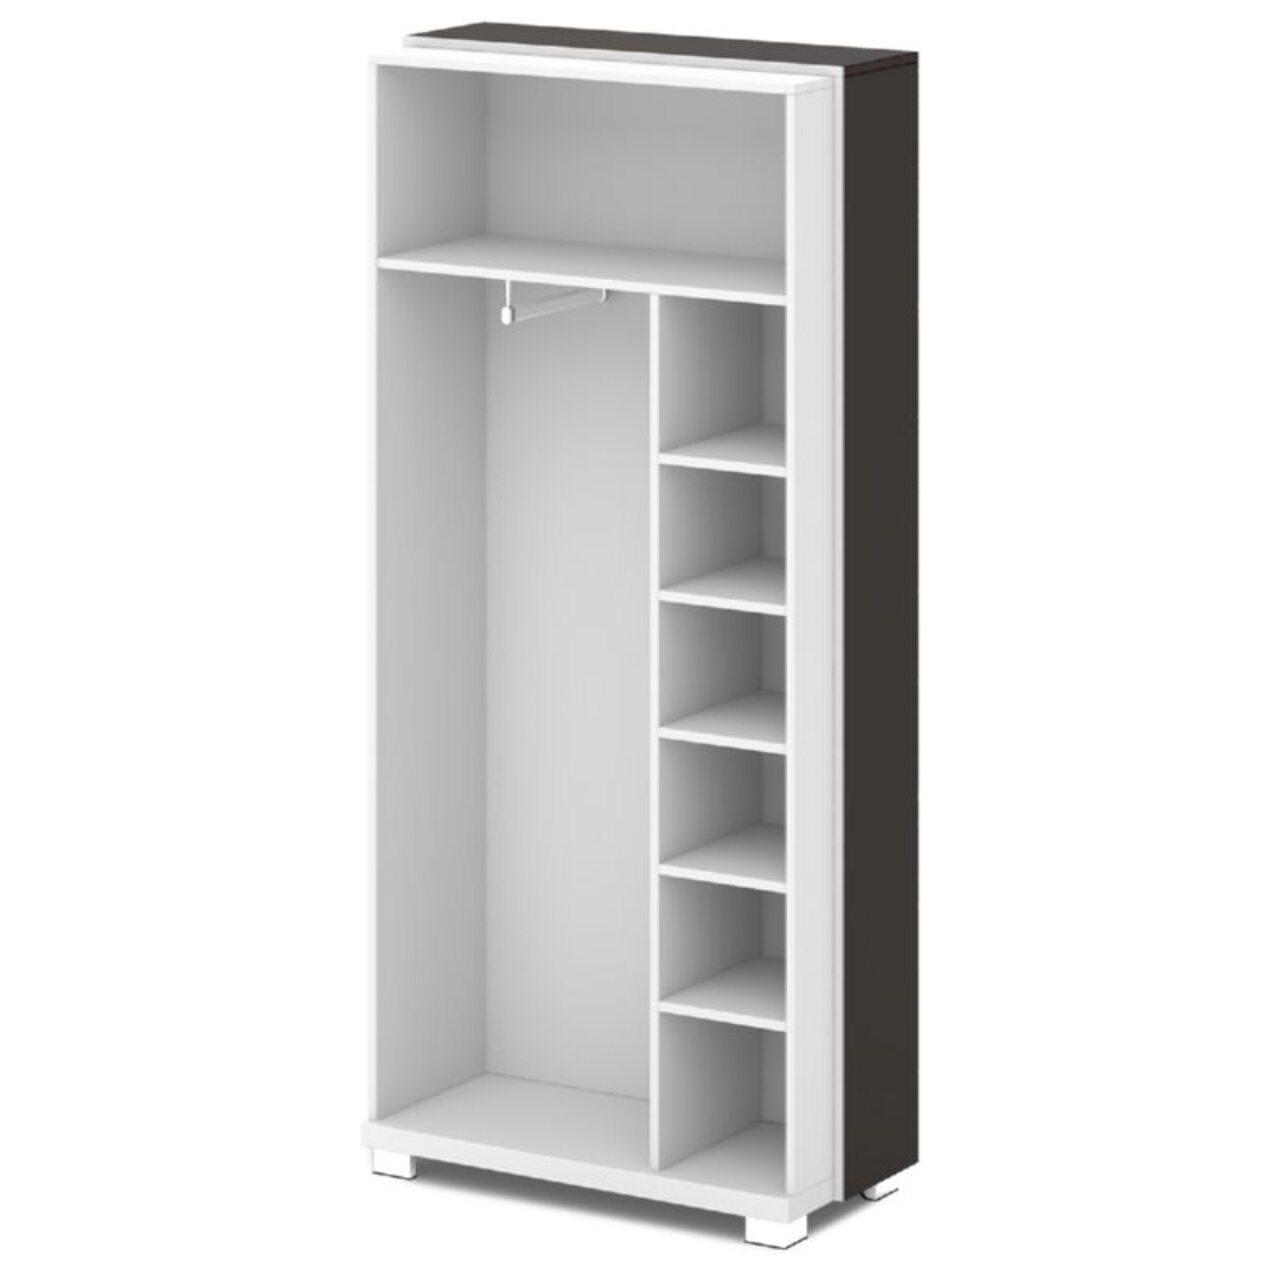 Каркас шкафа для одежды отдельностоящий  GRACE 44x94x205 - фото 5